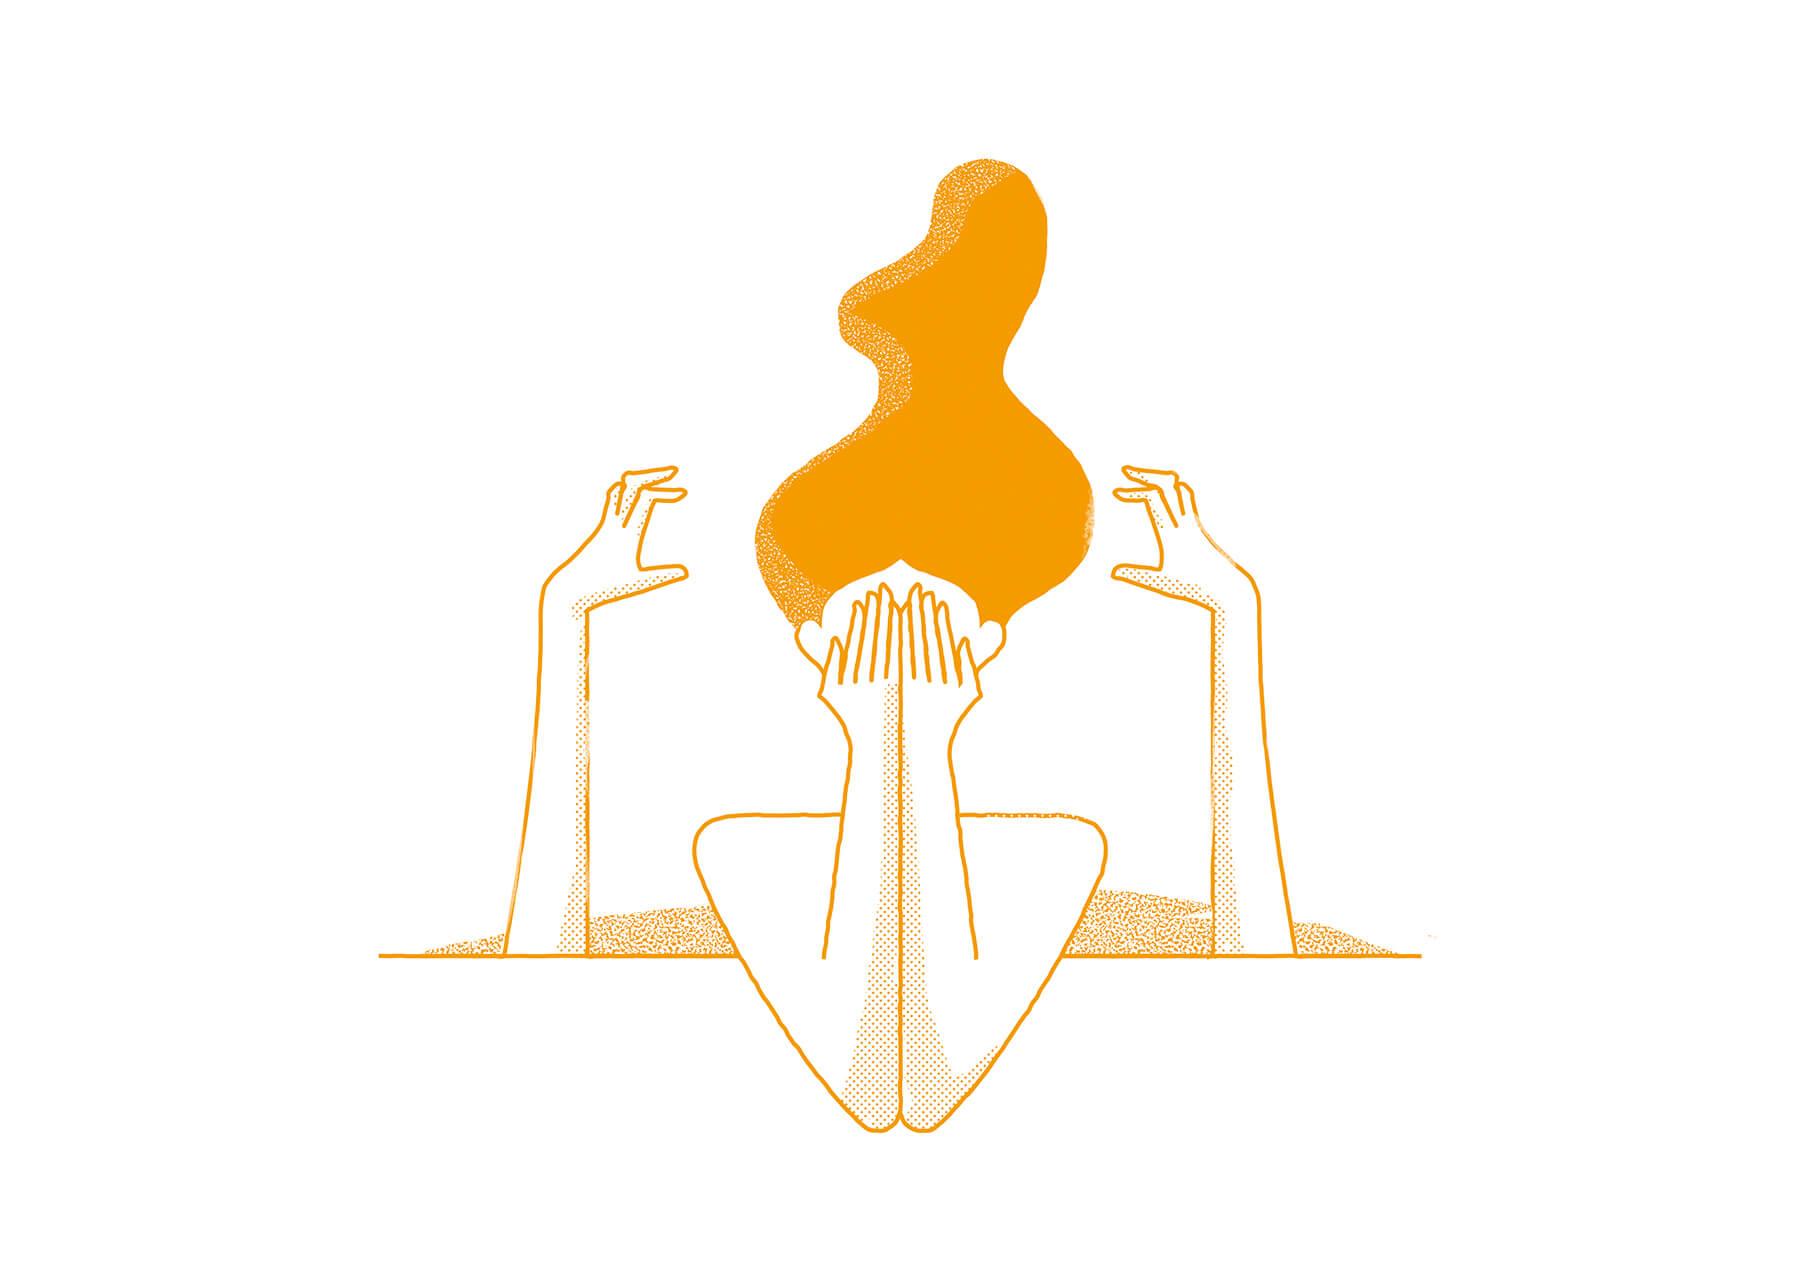 Le eleganti illustrazioni di Timo Kuilder | Collater.al 15